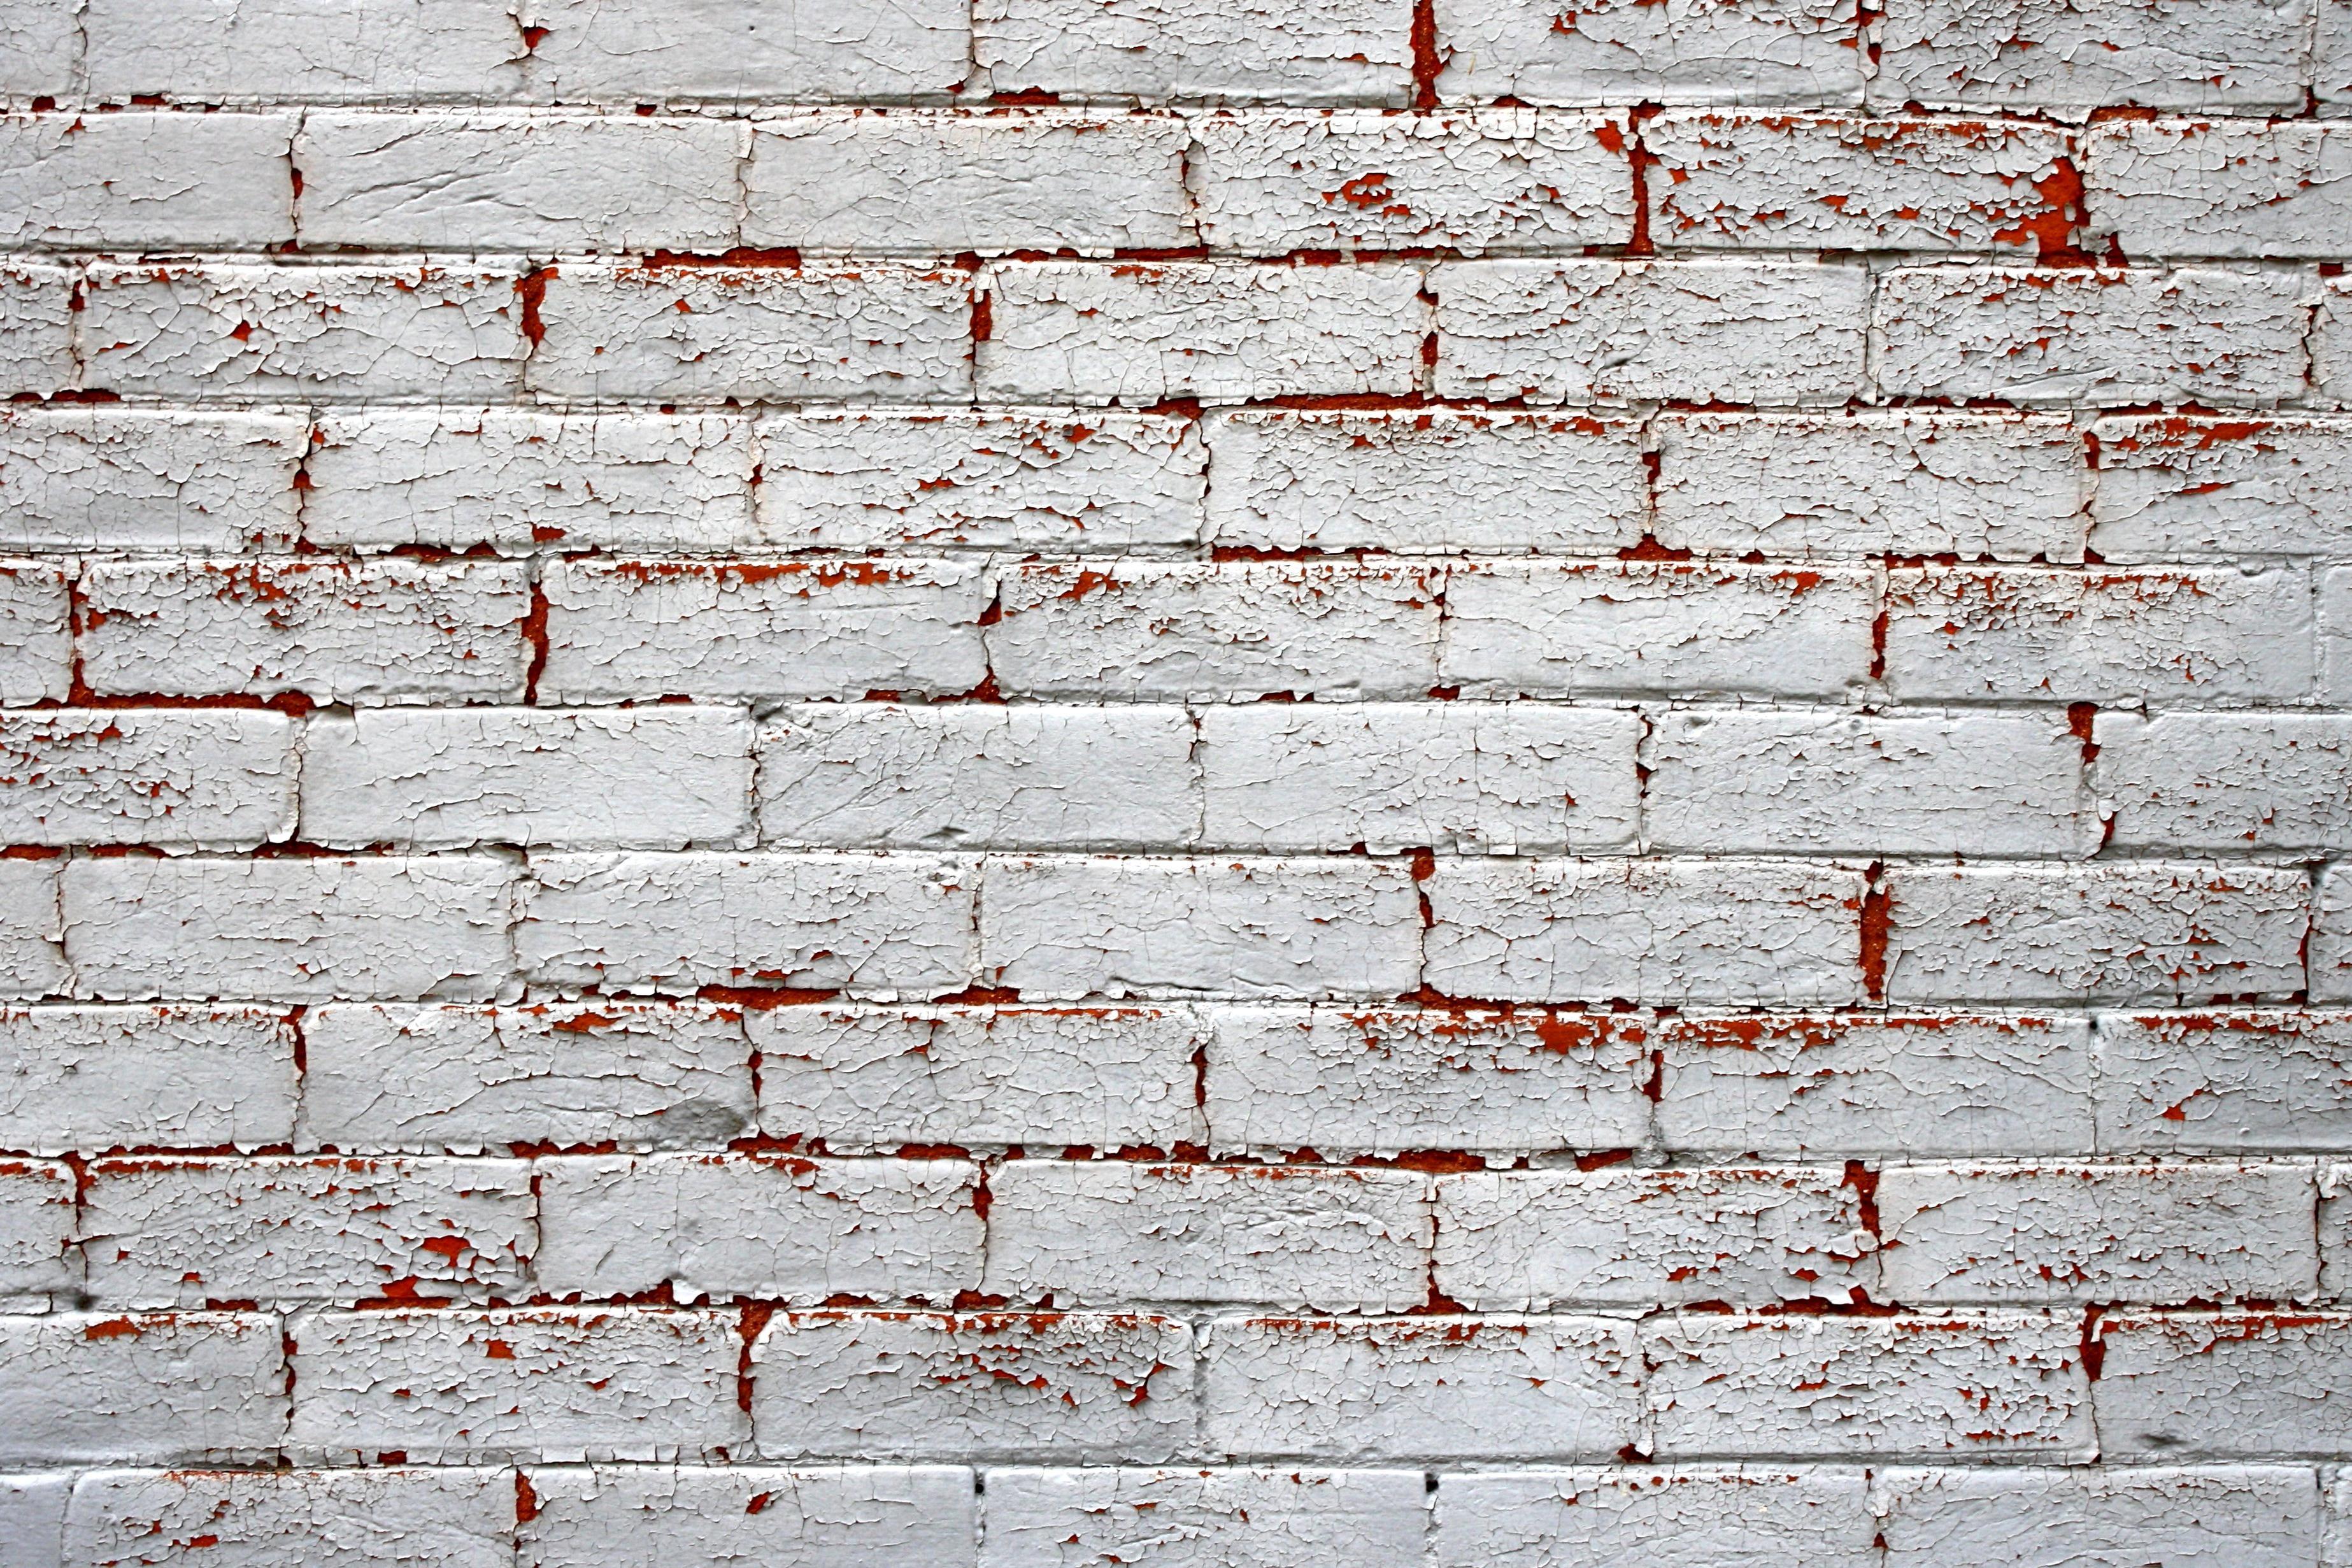 Foto gratis bianco muro dipinto mattoni muro - Cabeceras pintadas en la pared ...